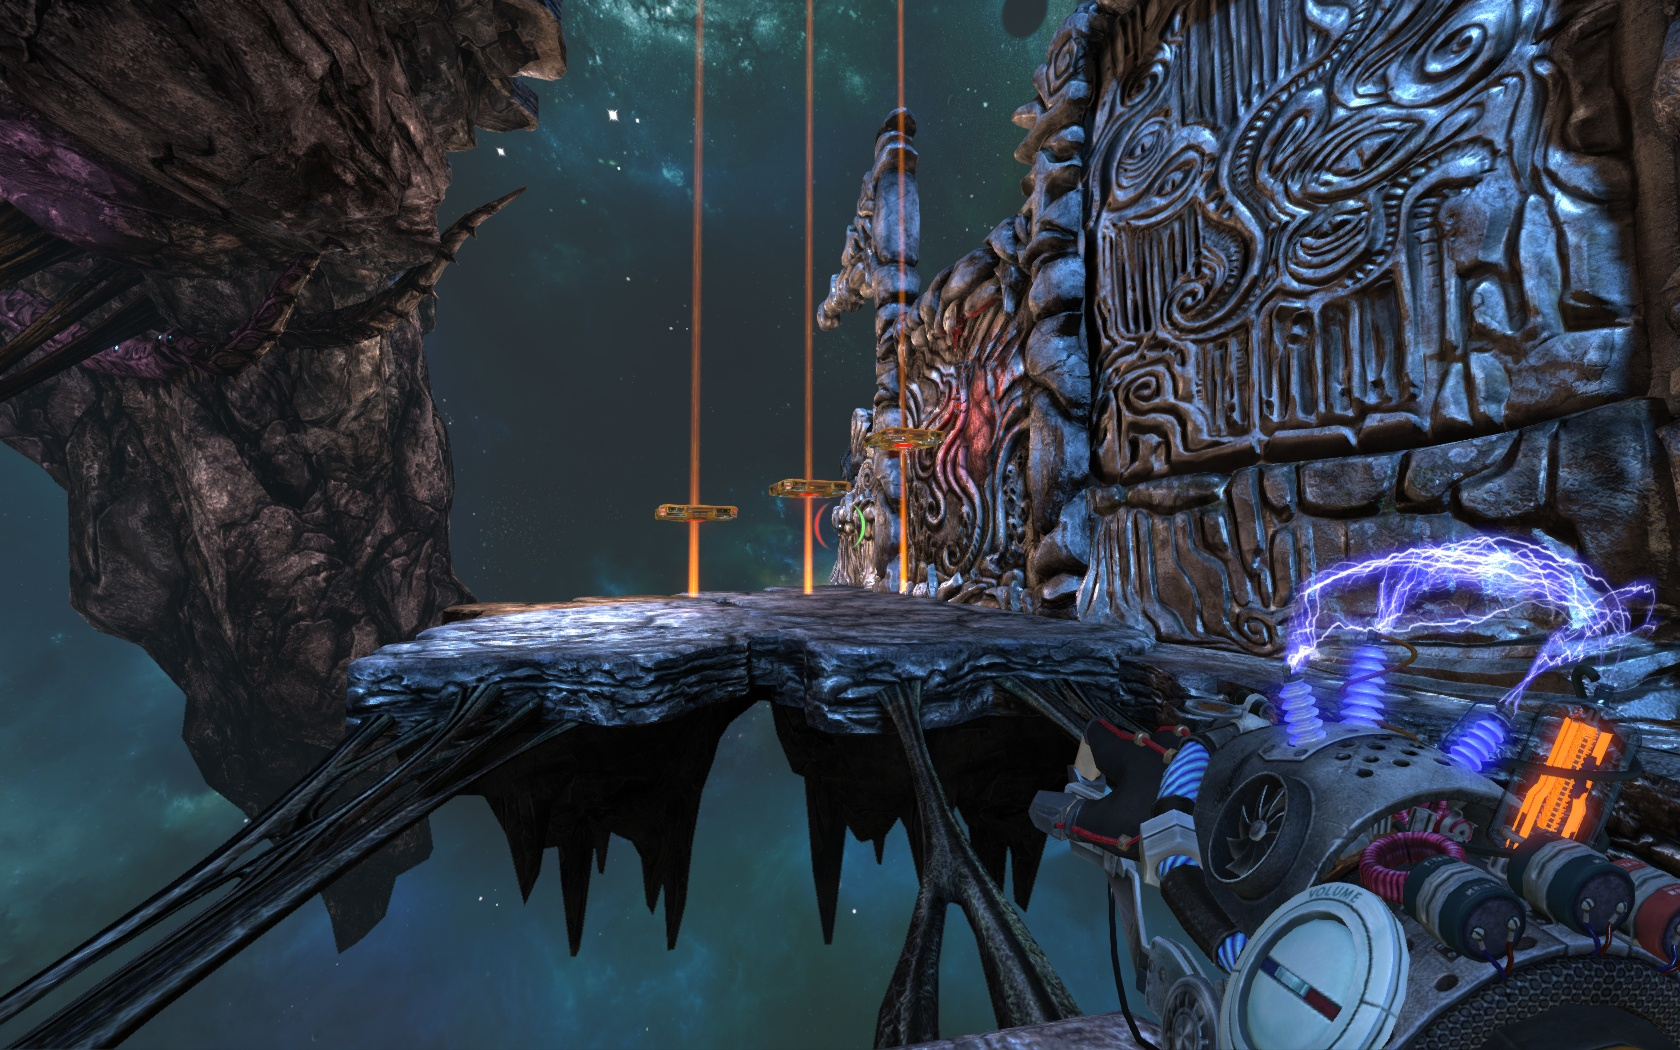 画像集 014 未来のテクノロジーとクトゥルフ神話を融合したアクションパズルゲーム Magrunner